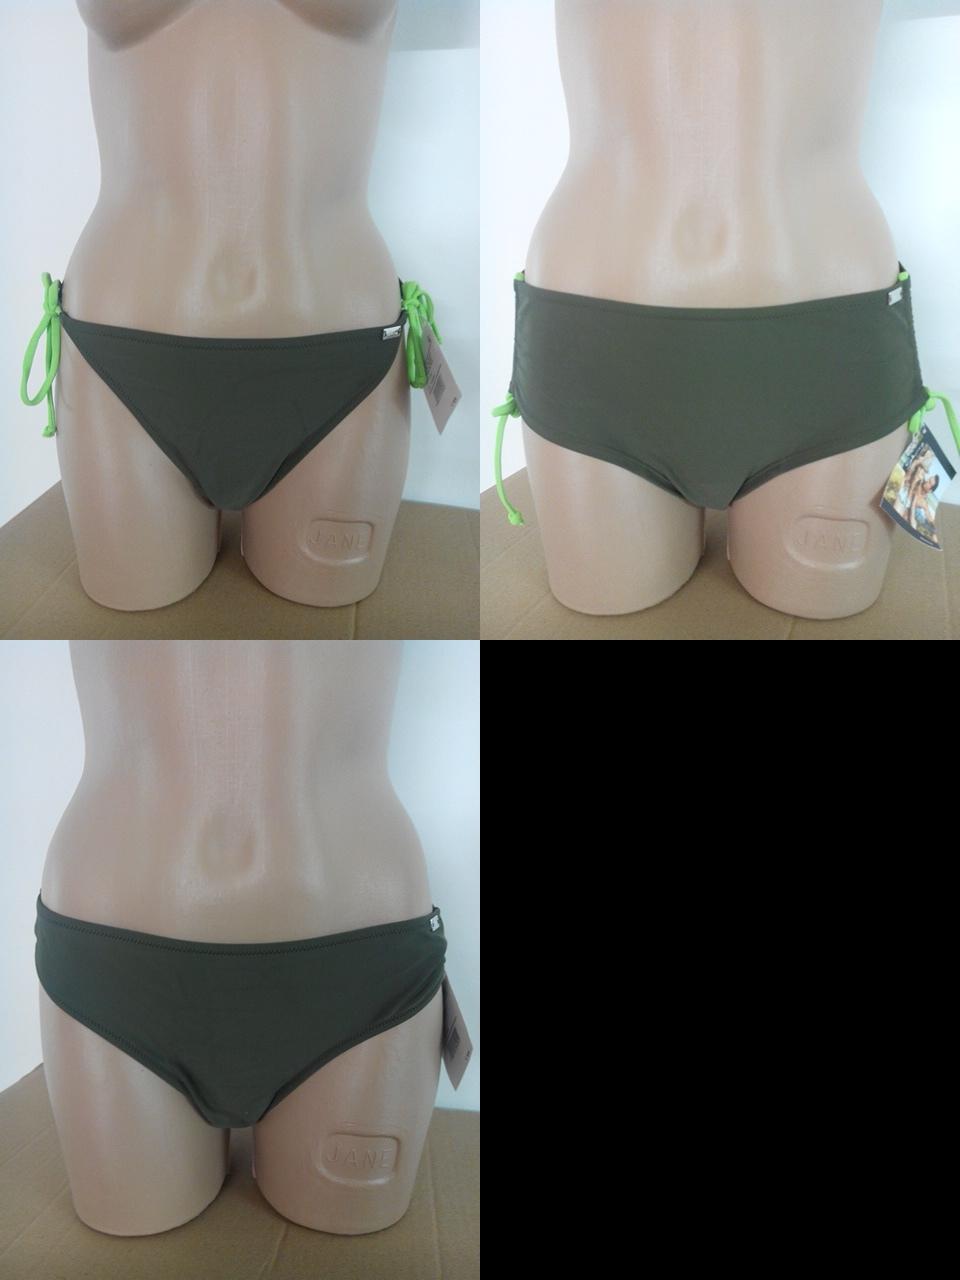 Bikini Panty Slip Cruisy Wrap Skiny schwarz weiß Hose Short 36 38 40 42 44